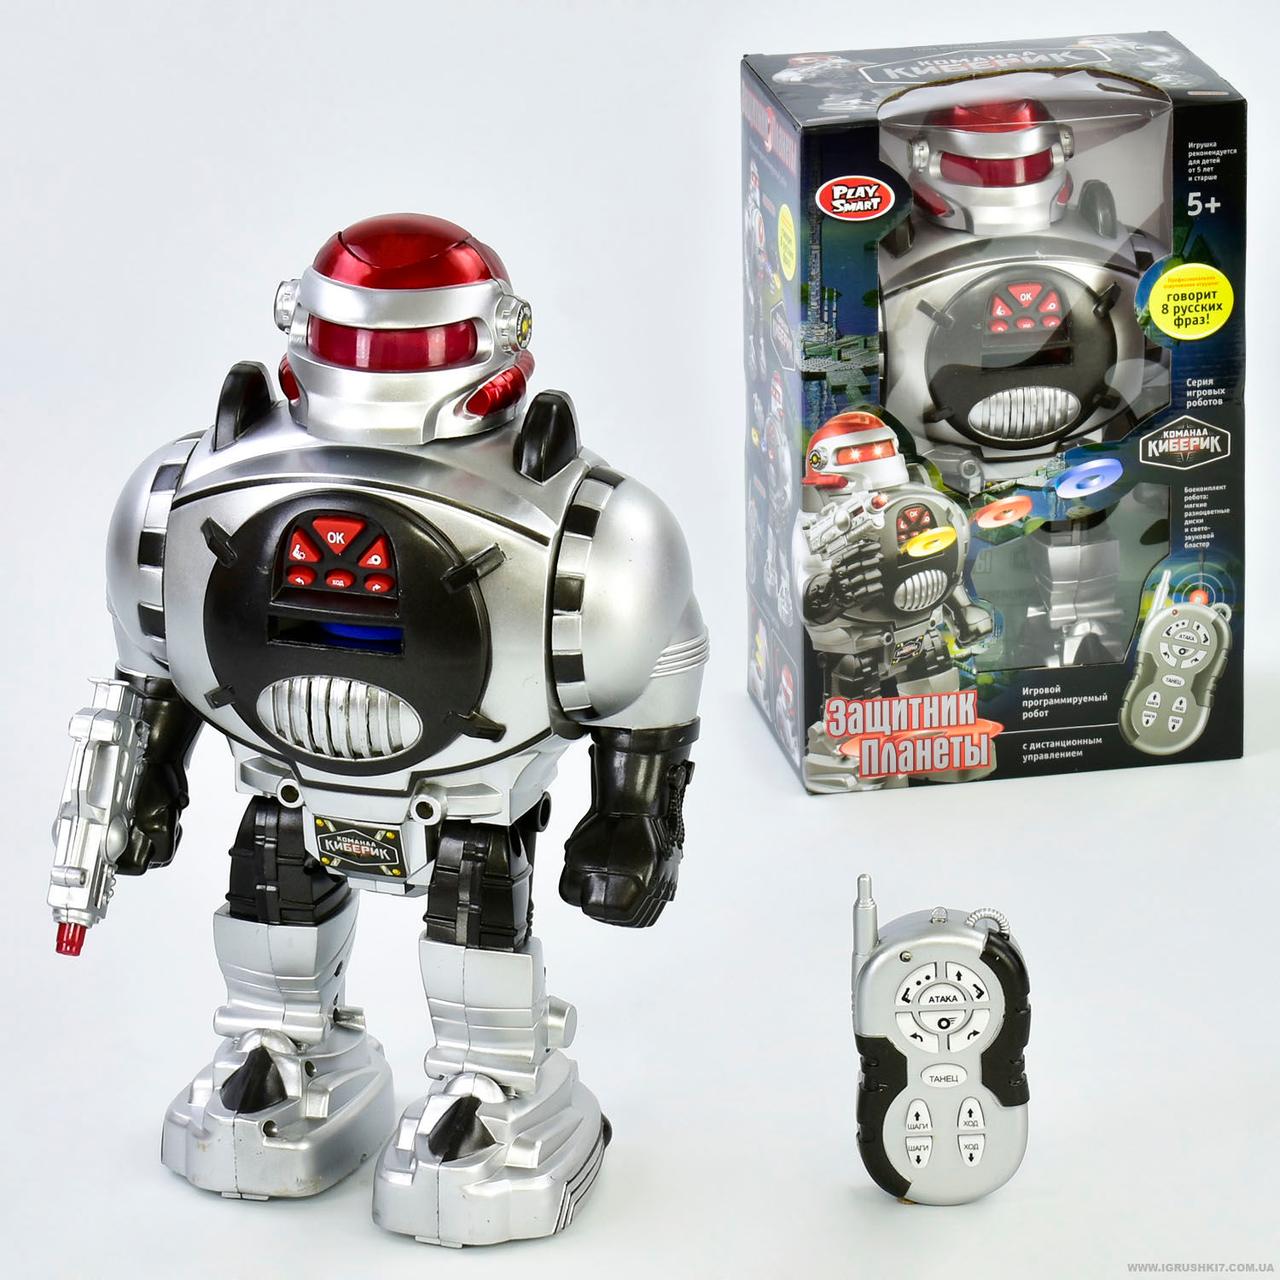 Робот-трансформер 9184, р/у, звук, свет, стреляет дисками, в коробке